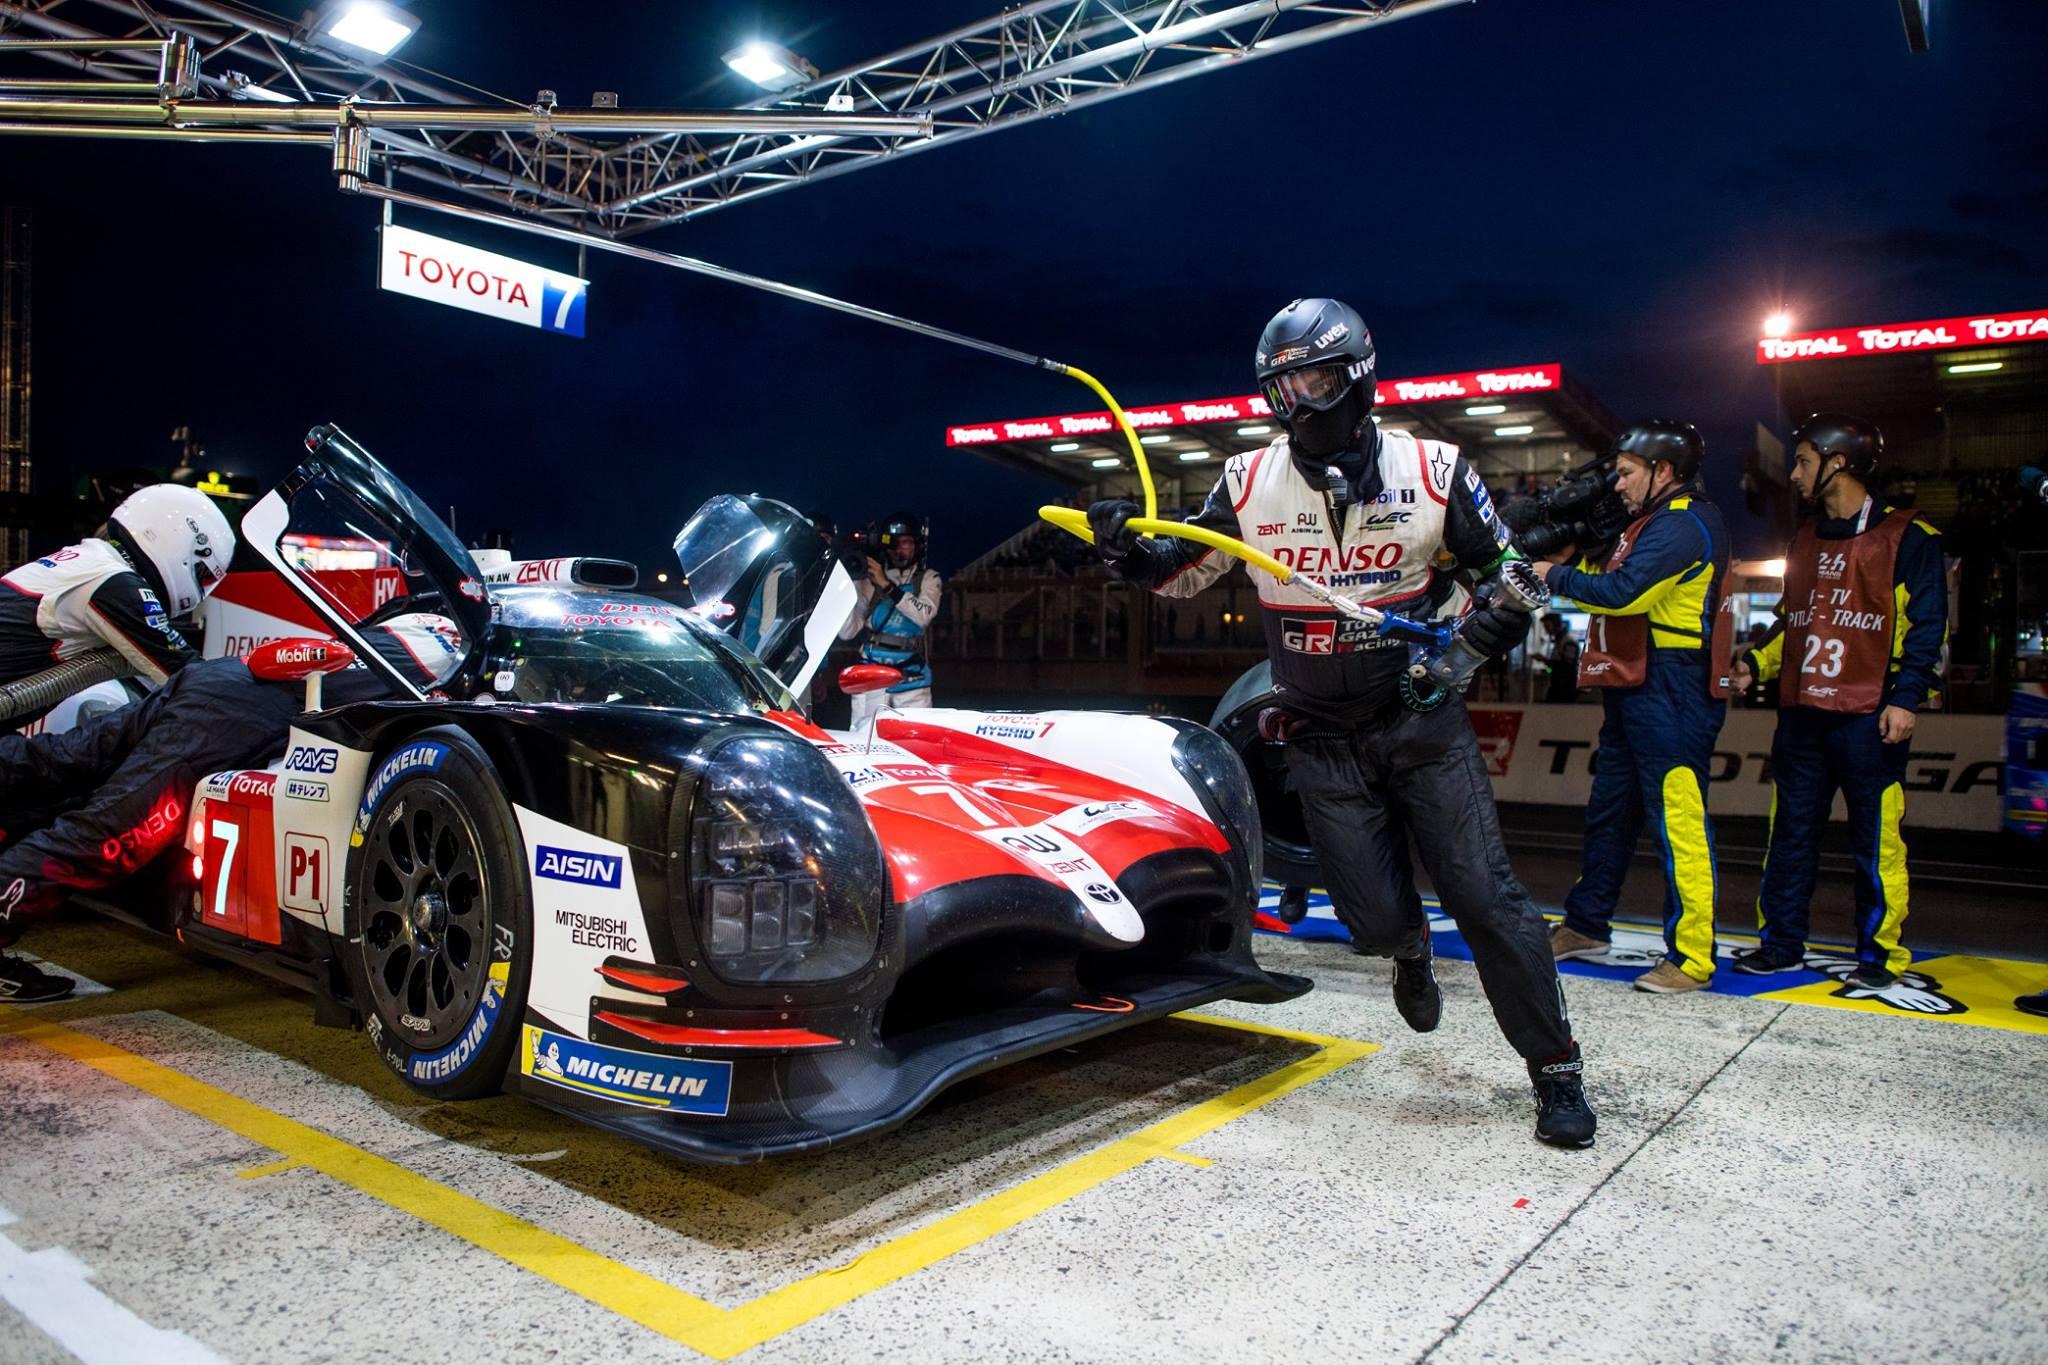 Интрига состояла с том, какой именно автомобиль Toyota одержит победу.